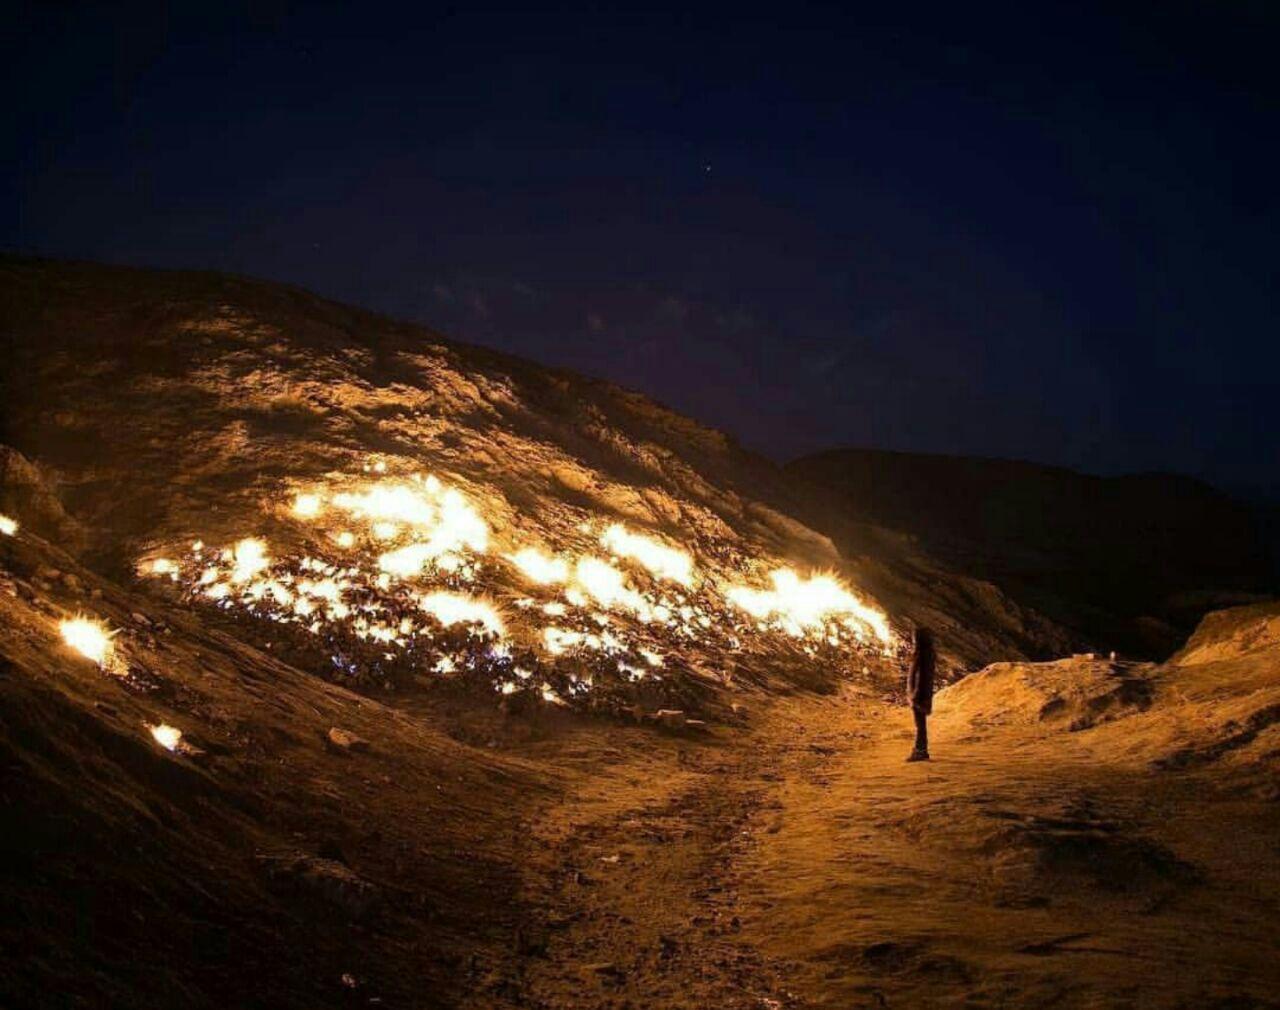 فردی در حال نظاره کوه آتش